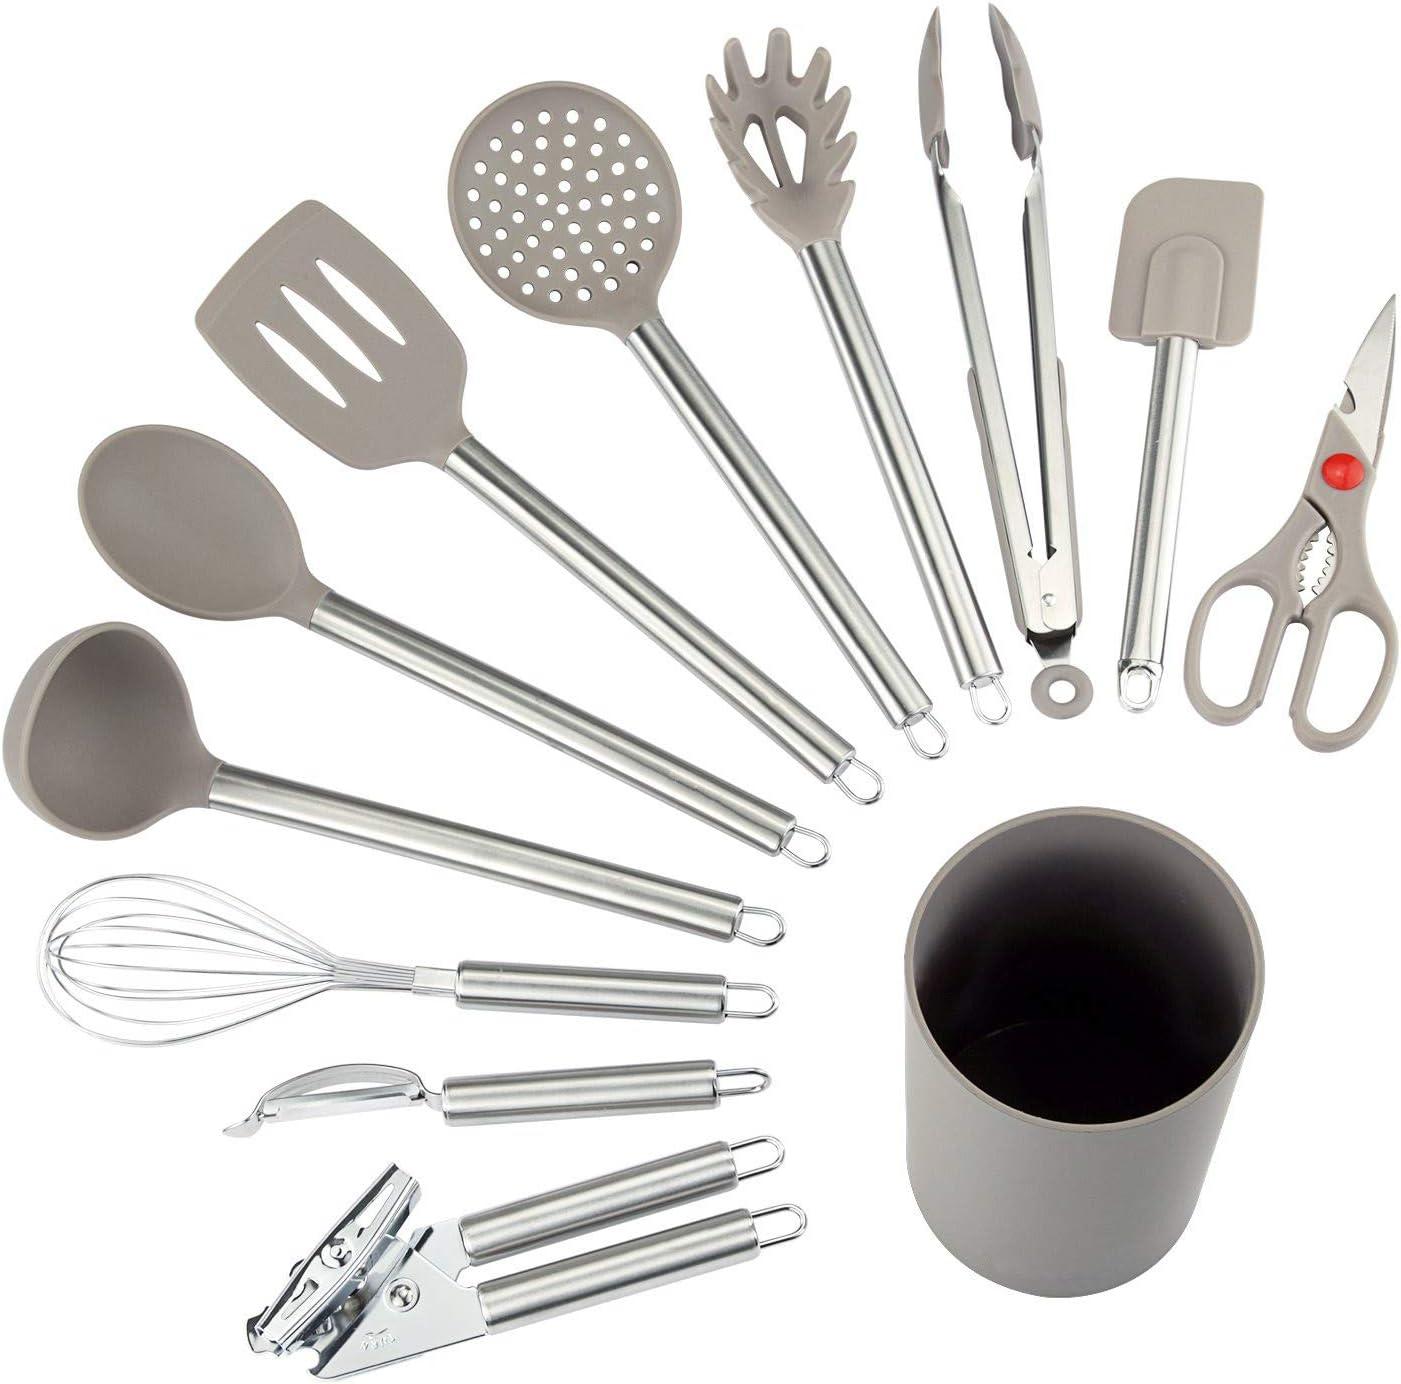 COMLIFE Utensilios de Cocina de 12 Piezas Antiadherentes Set-12 de Silicona y Acero Inoxidable, Incluye cucharas, batidor, abrelatas, pelador, raspador etc.